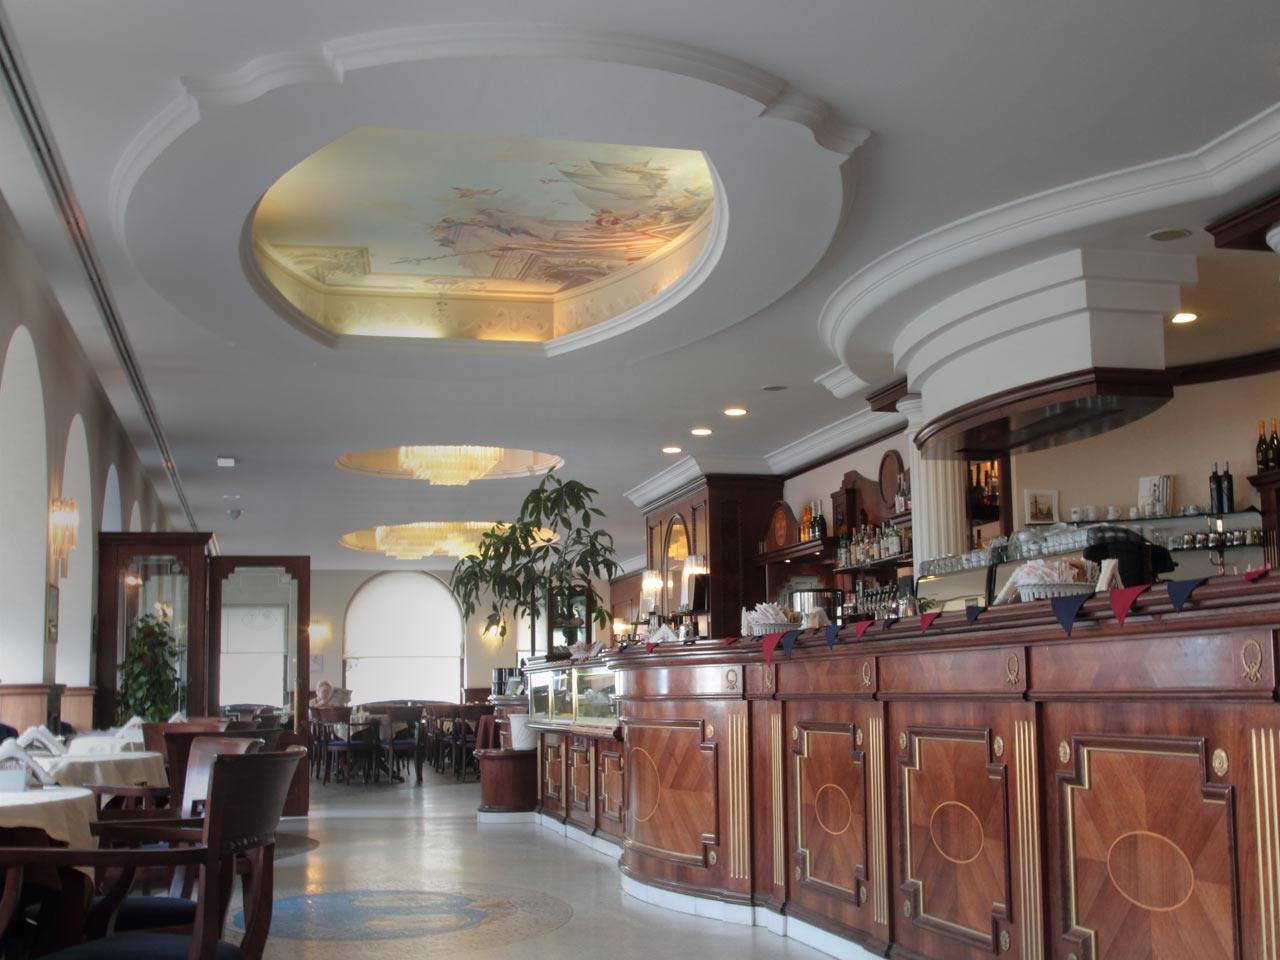 Gutegutegute historische kaffeeh user von triest - Caffe degli specchi ...